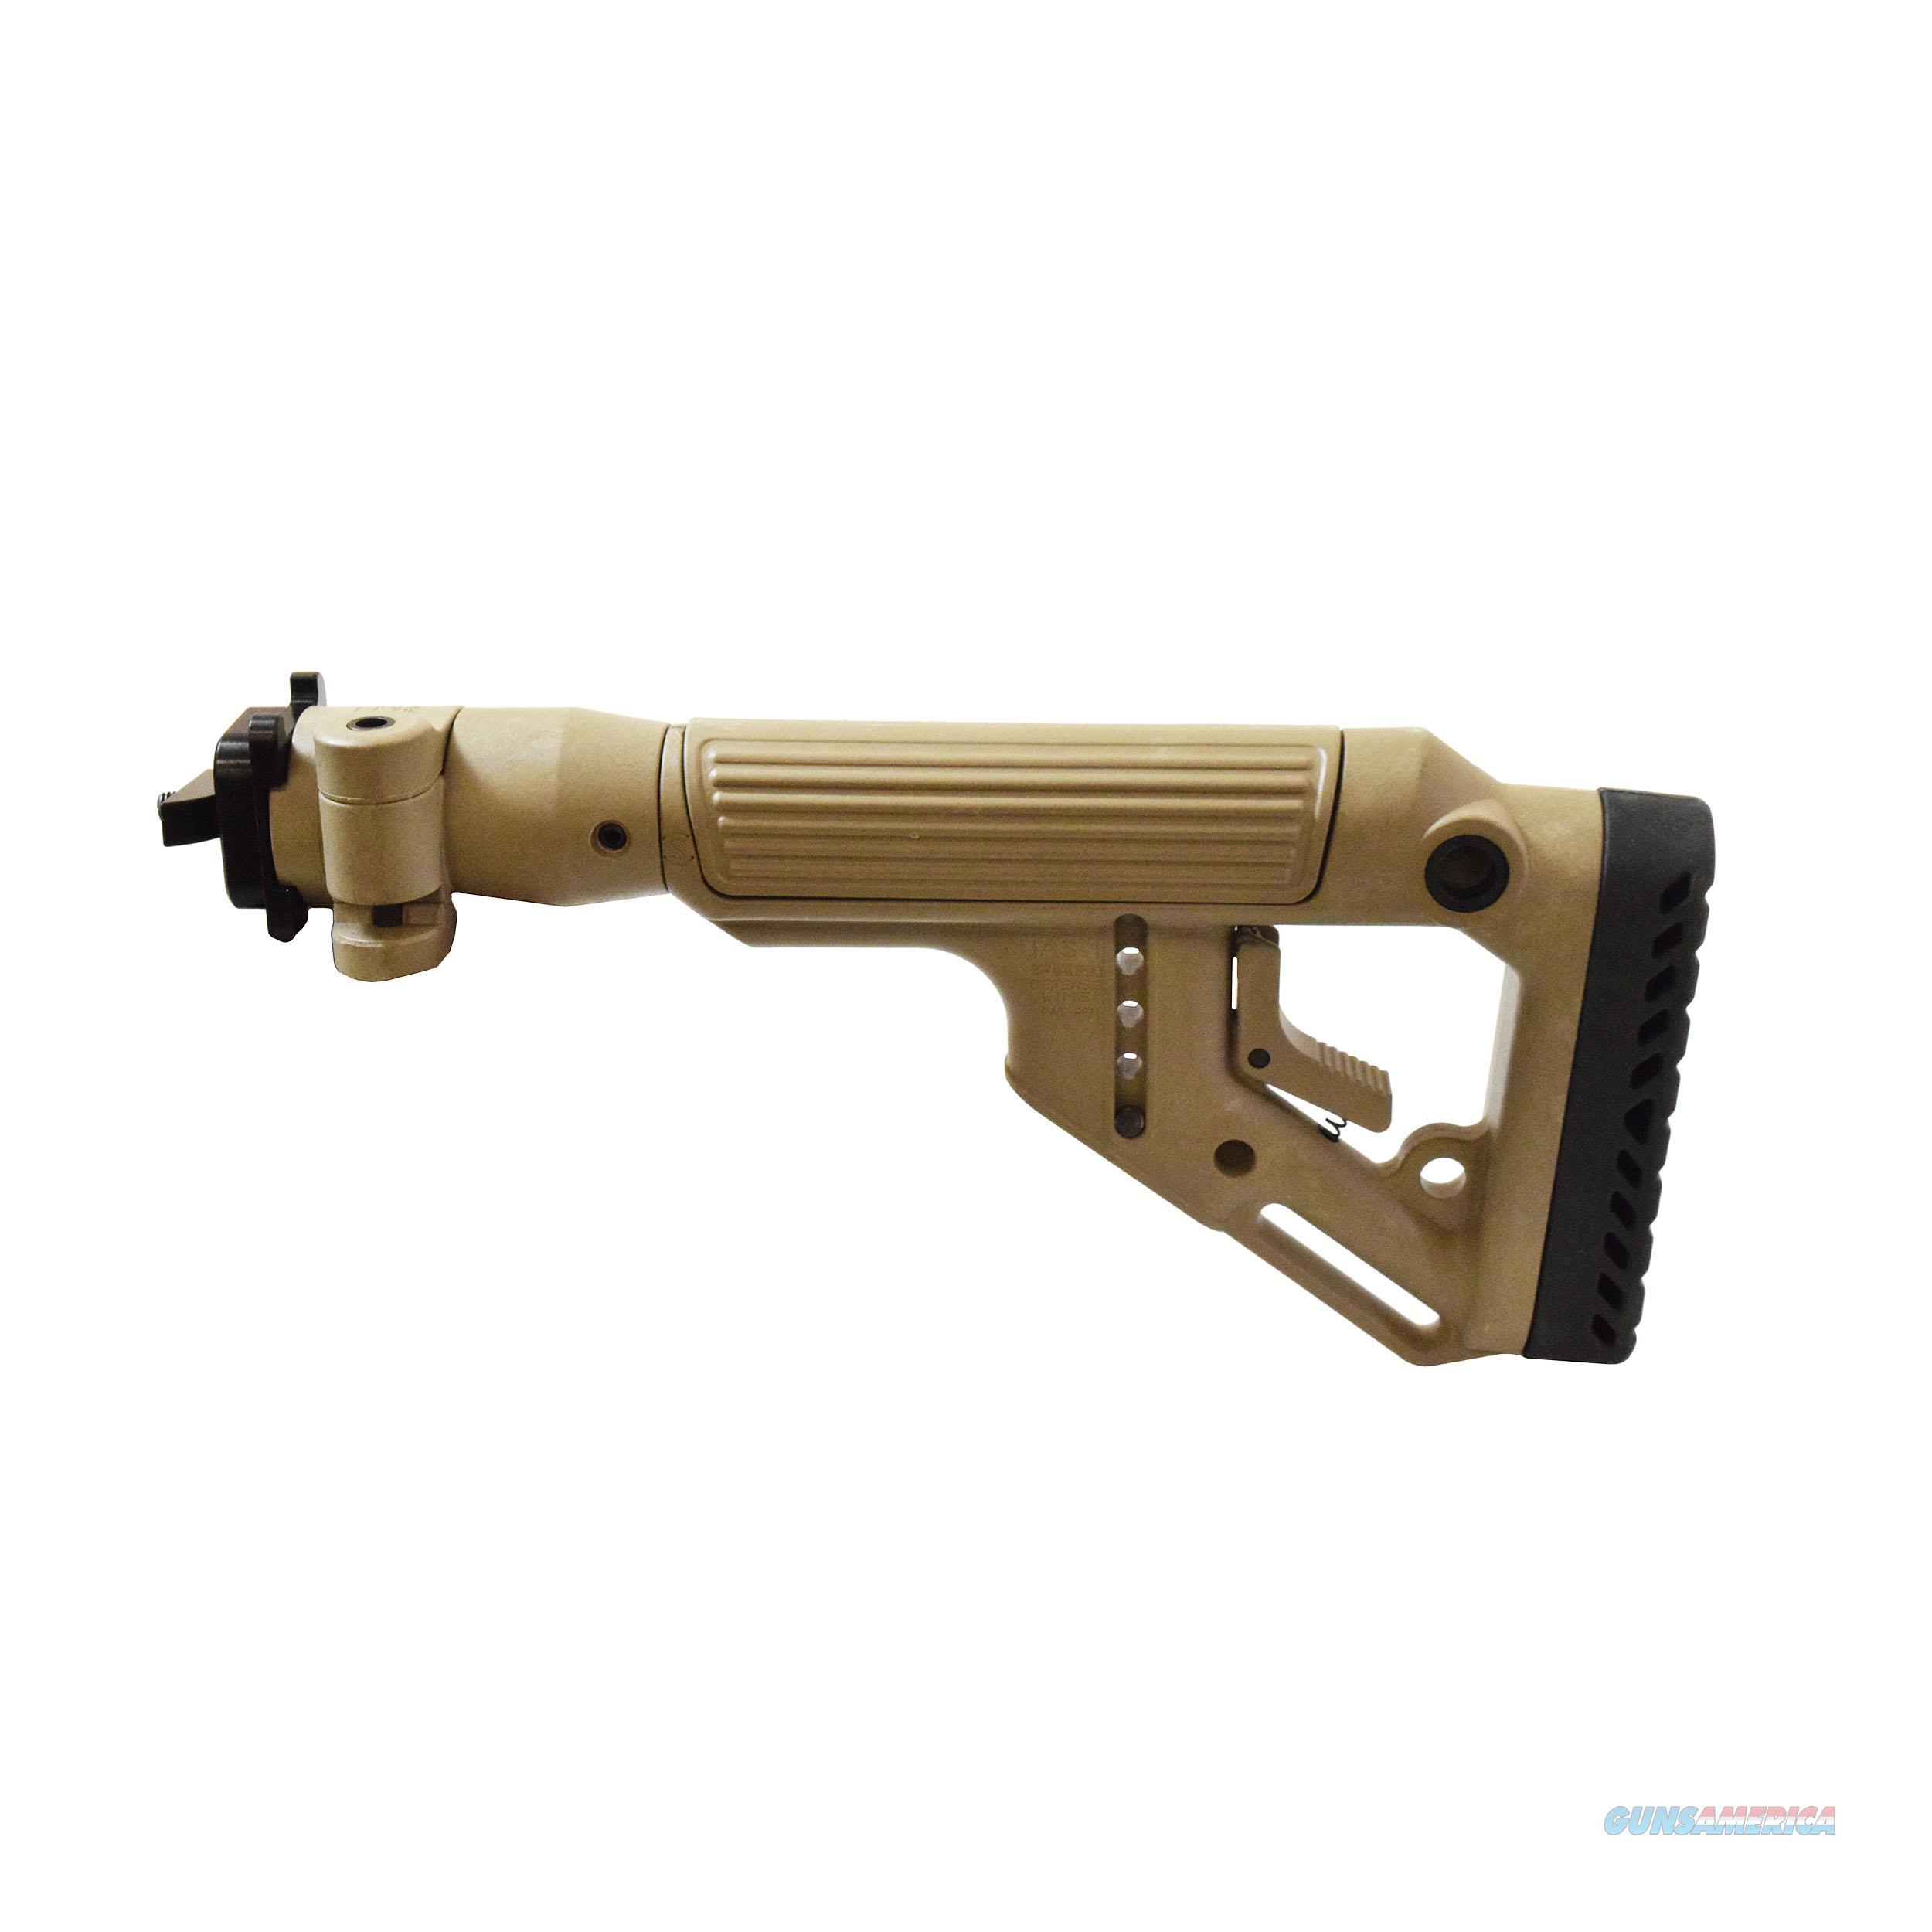 Mako Group Tactical Folding Buttstock With Cheek Riser UAS-AKMILP-FDE  Non-Guns > Gunstocks, Grips & Wood